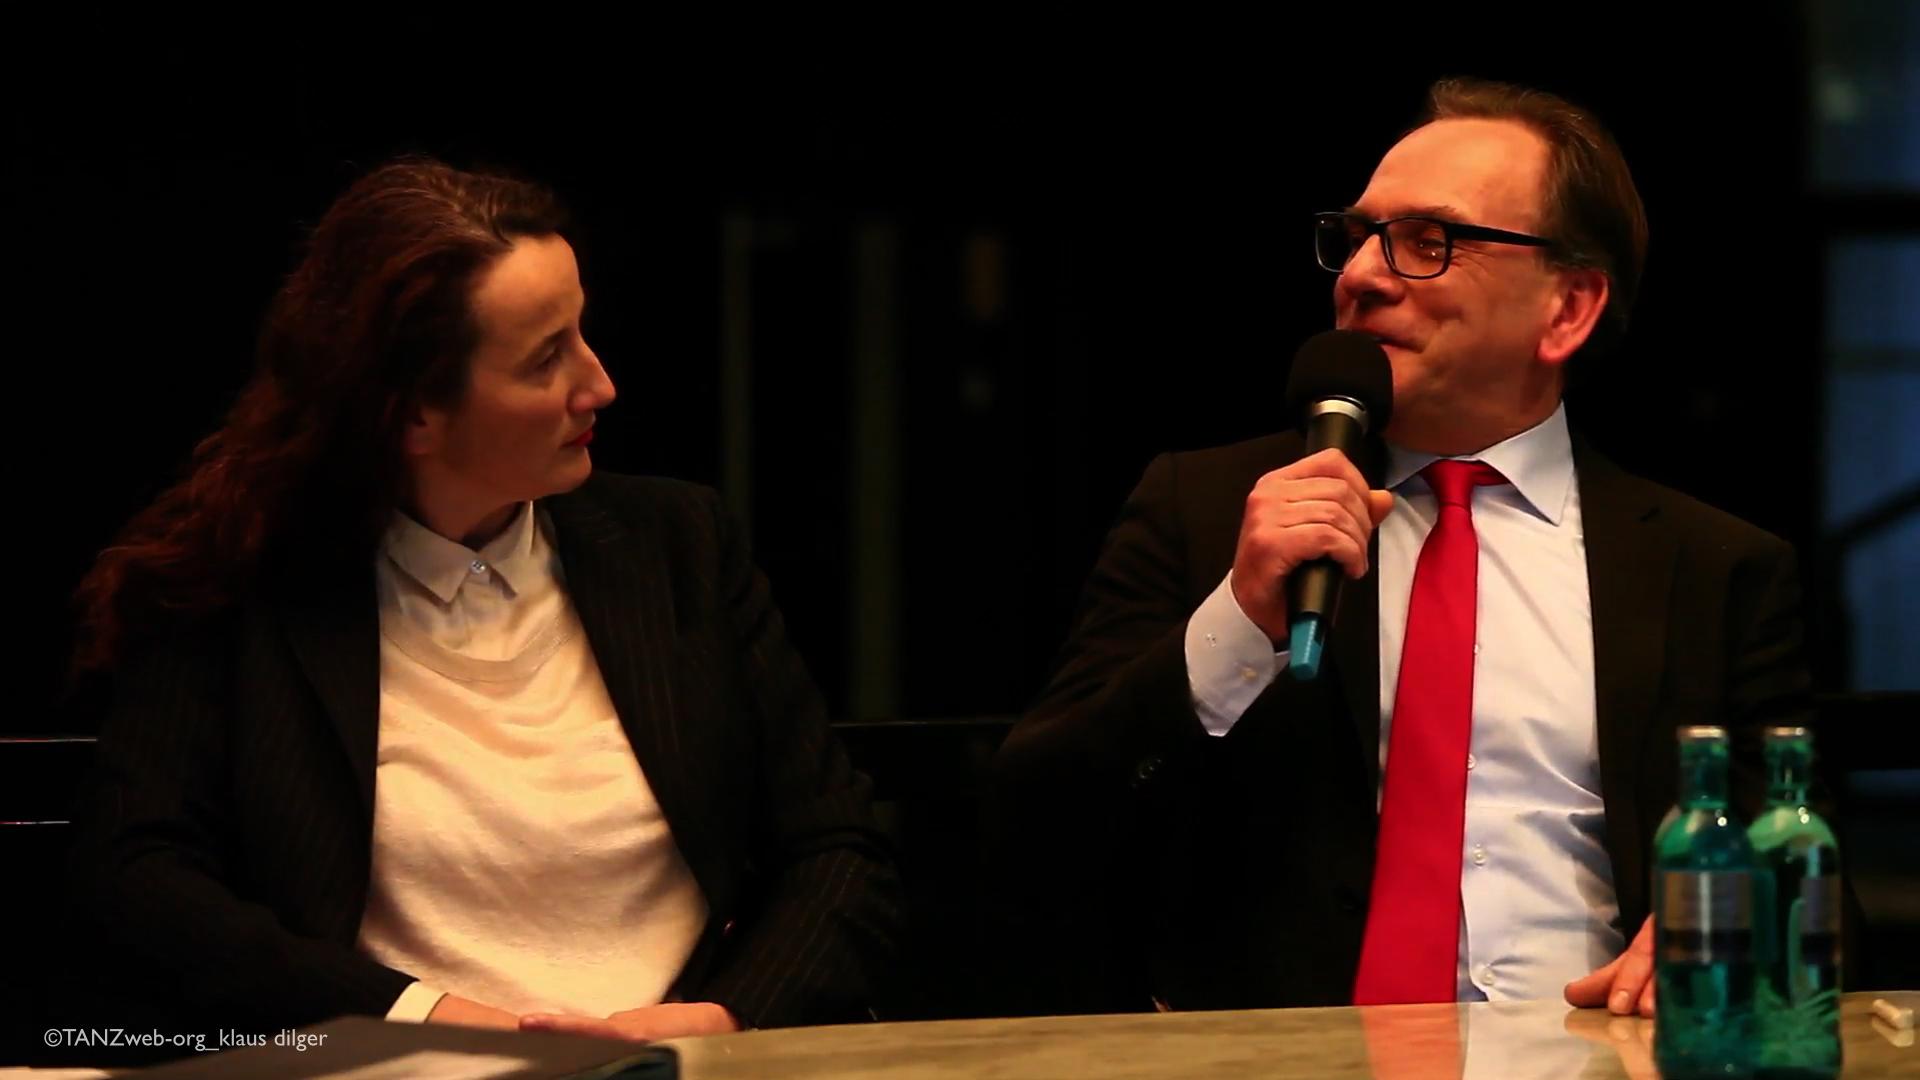 ...noch nicht lange her: Geschäftsführer Oberbürgermeister Mucke bei der Vorstellung von Adolphe Binder als neue Intendantin und Künstlerische Leiterin